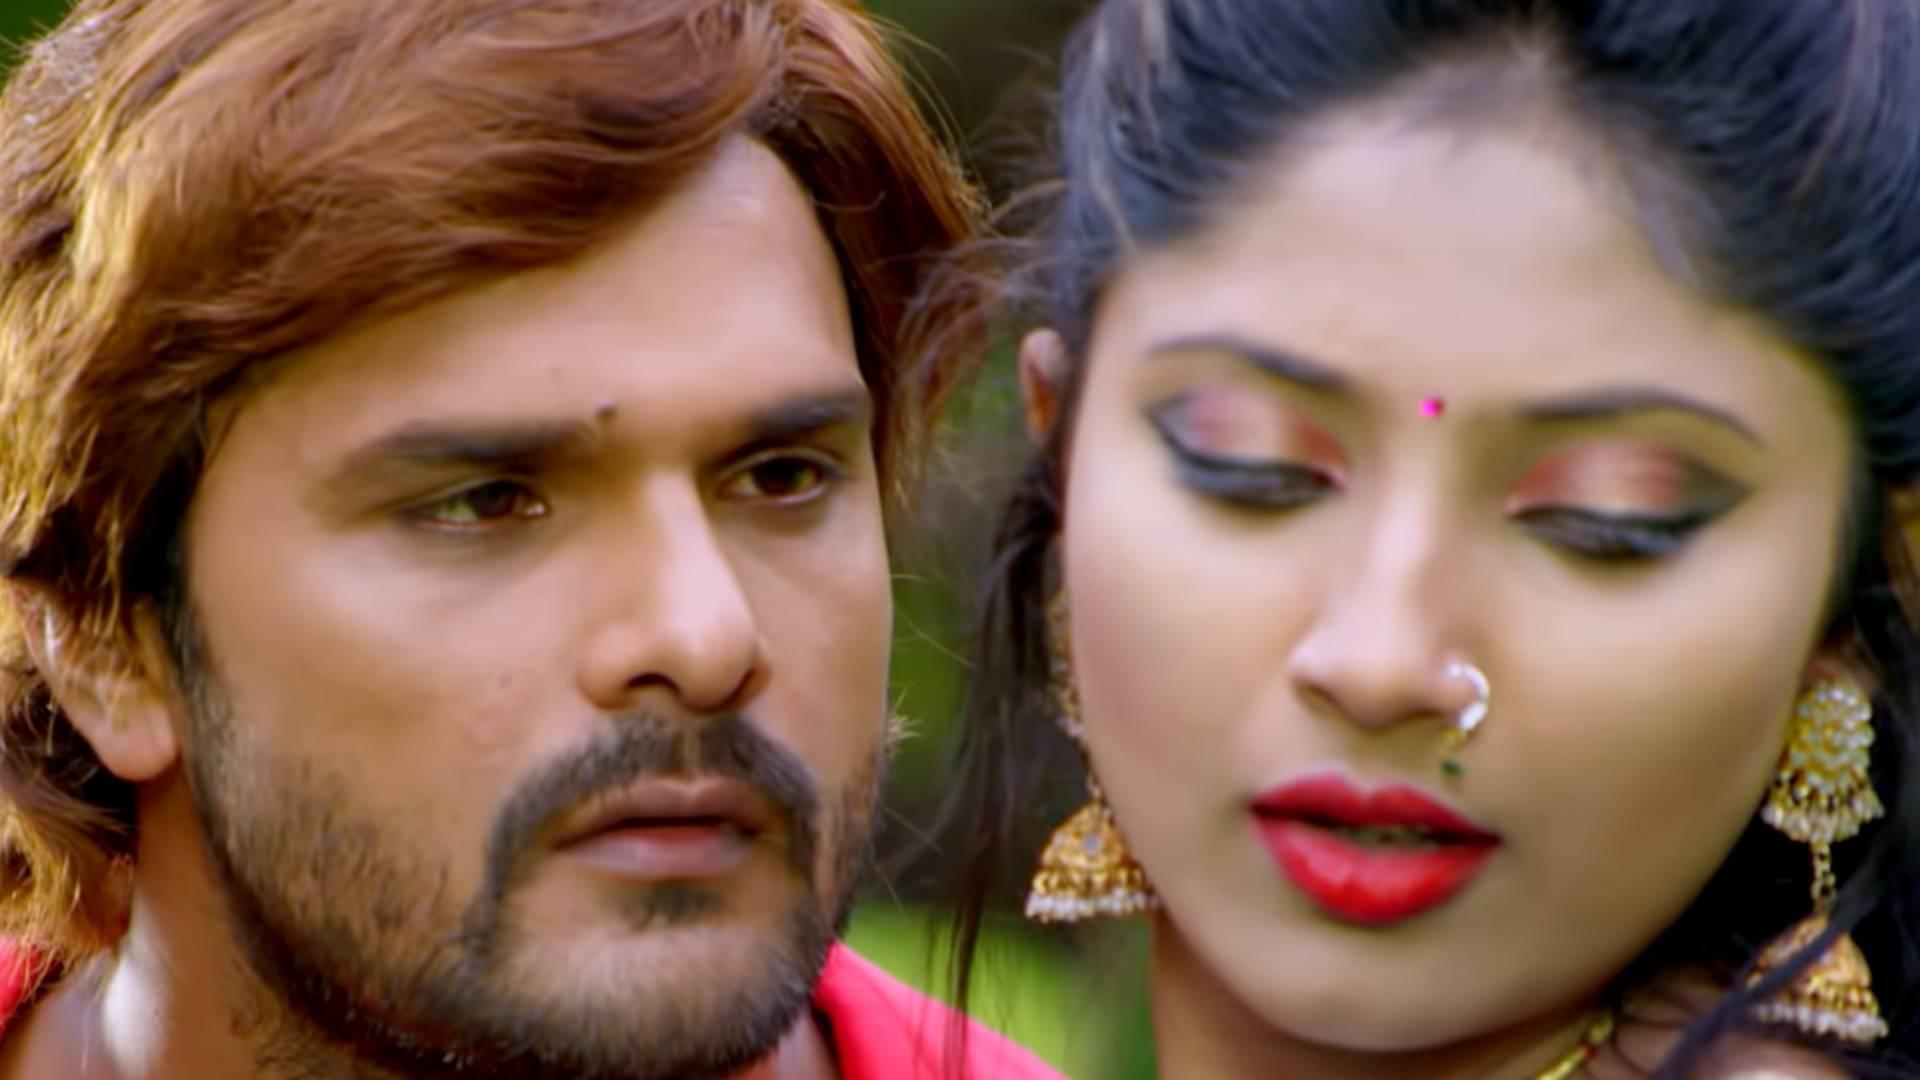 Ba Gajbe Kamar Ke Ghera Song: मुनमुन घोष की अदाओं पर मदहोश हुए खेसारी लाल यादव, देखिए ये बोल्ड सॉन्ग